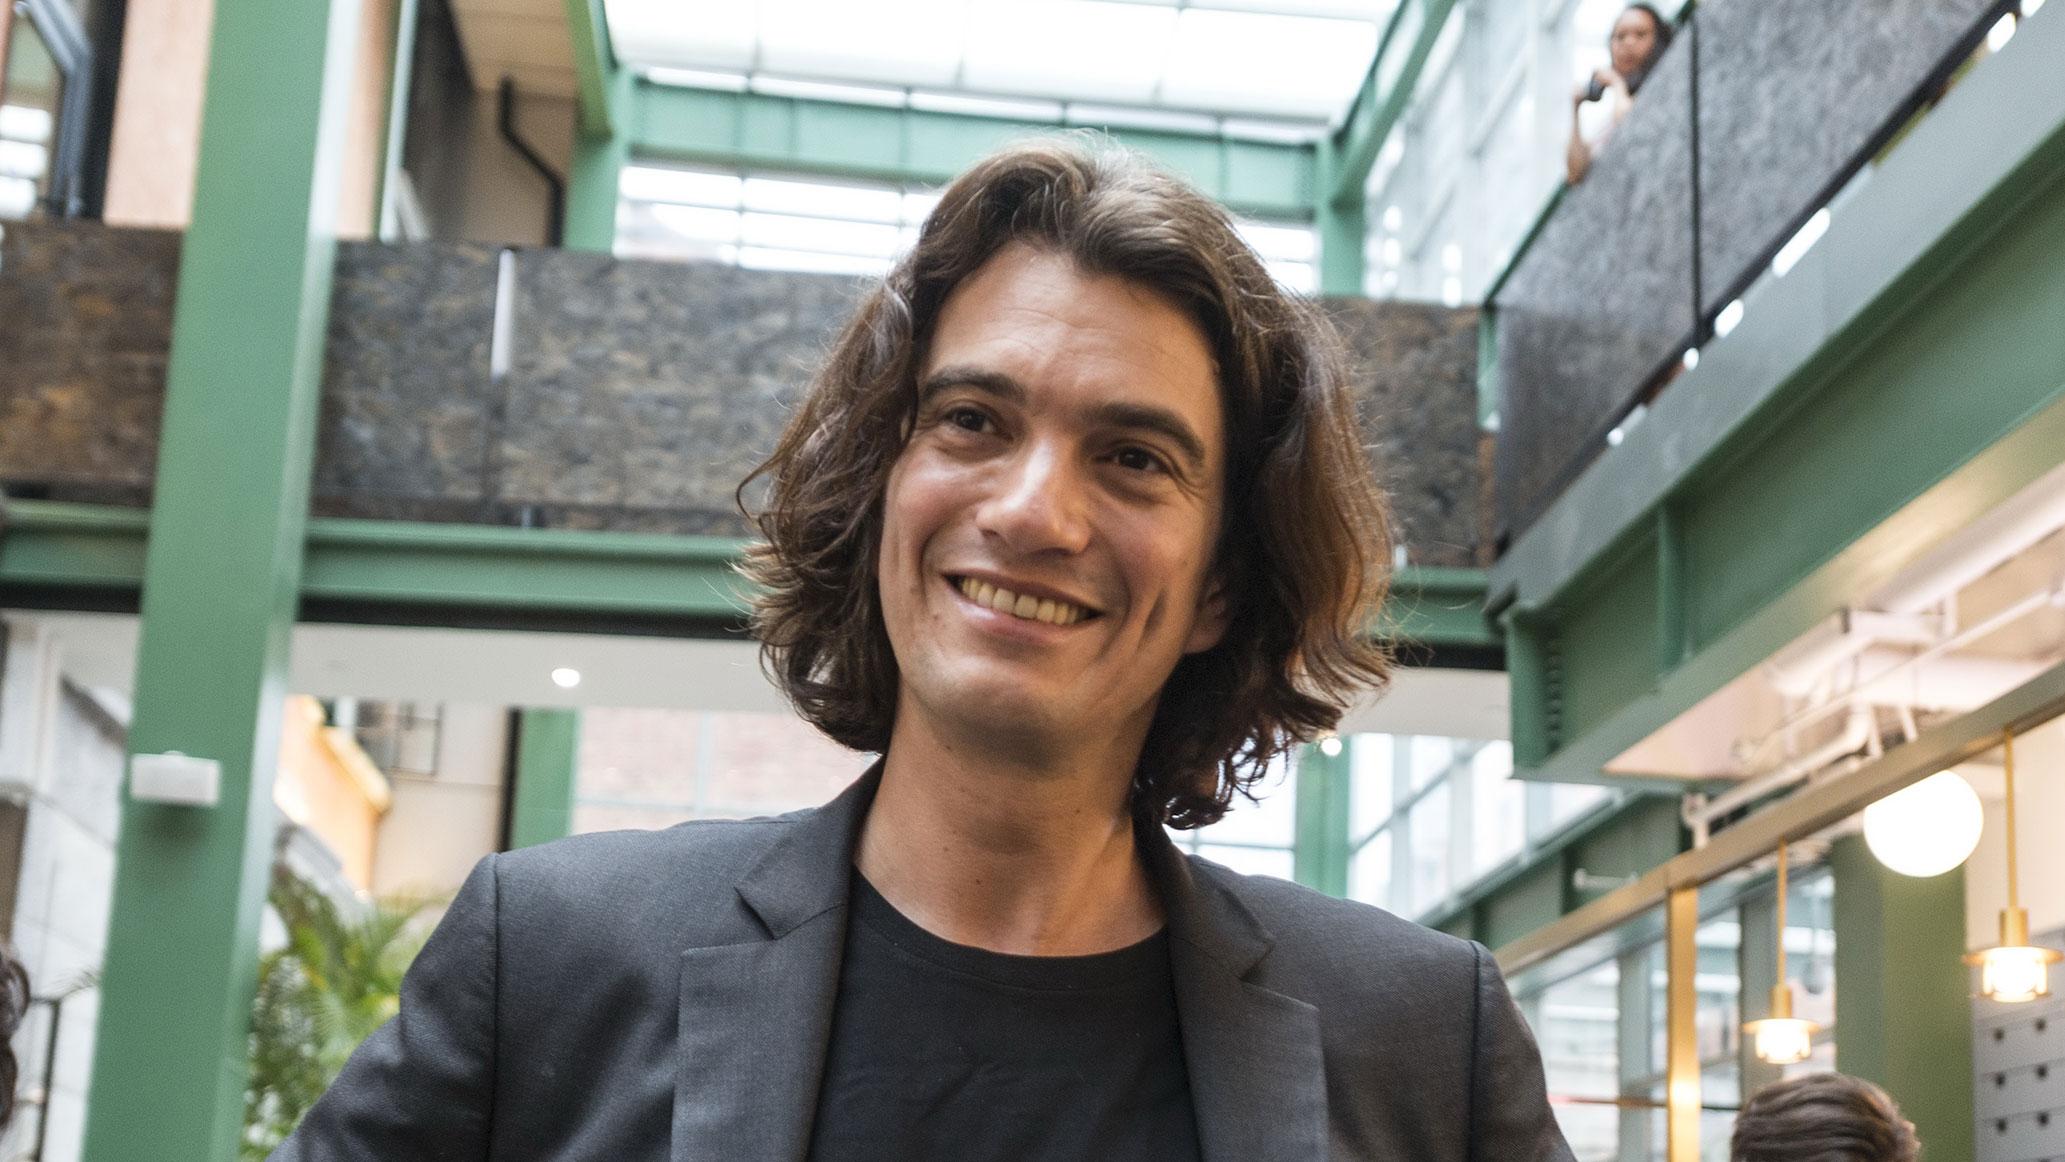 WeWork CEO Adam Neumann Visits Shanghai